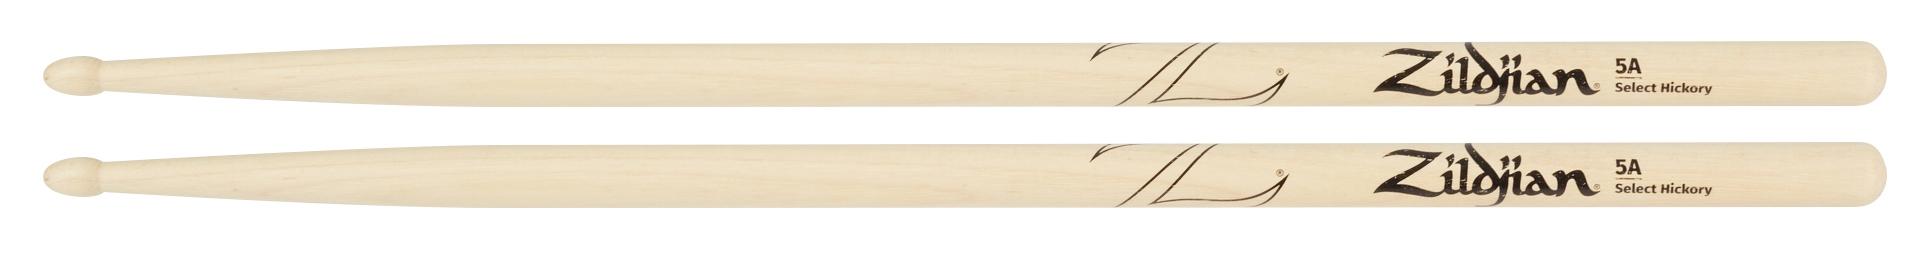 ZILDJIAN 5A Wood Natural